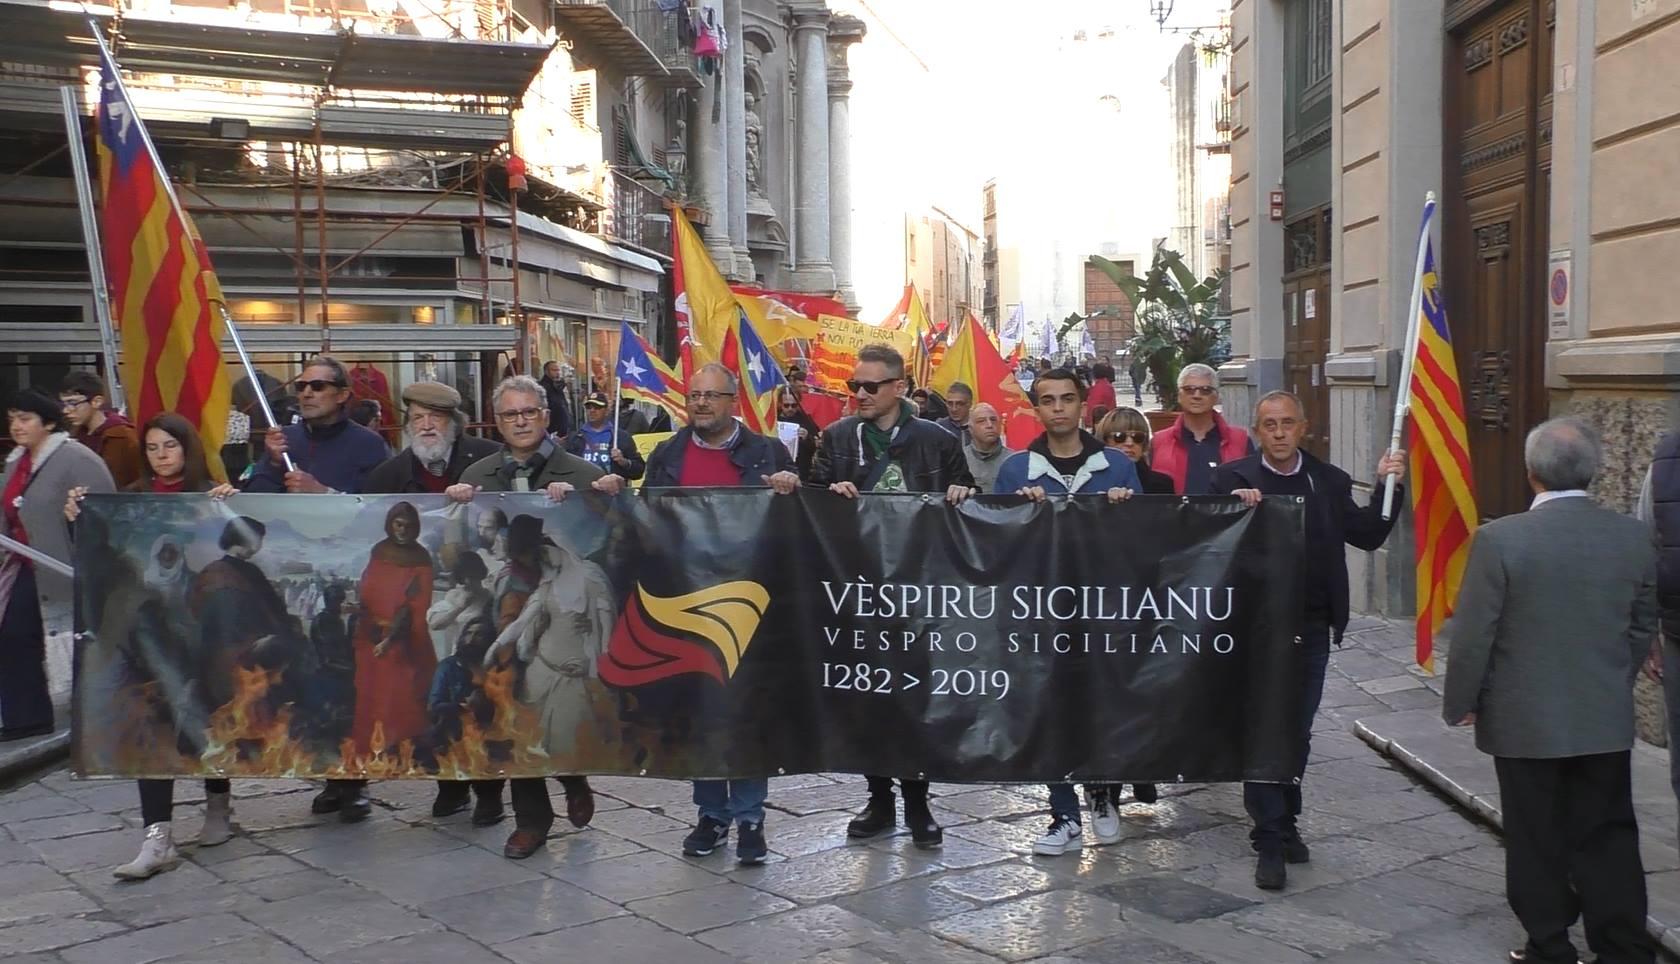 Il 737esimo anniversario dei Vespri Siciliani: tanti giovani e tante bandiere/ MATTINALE 326